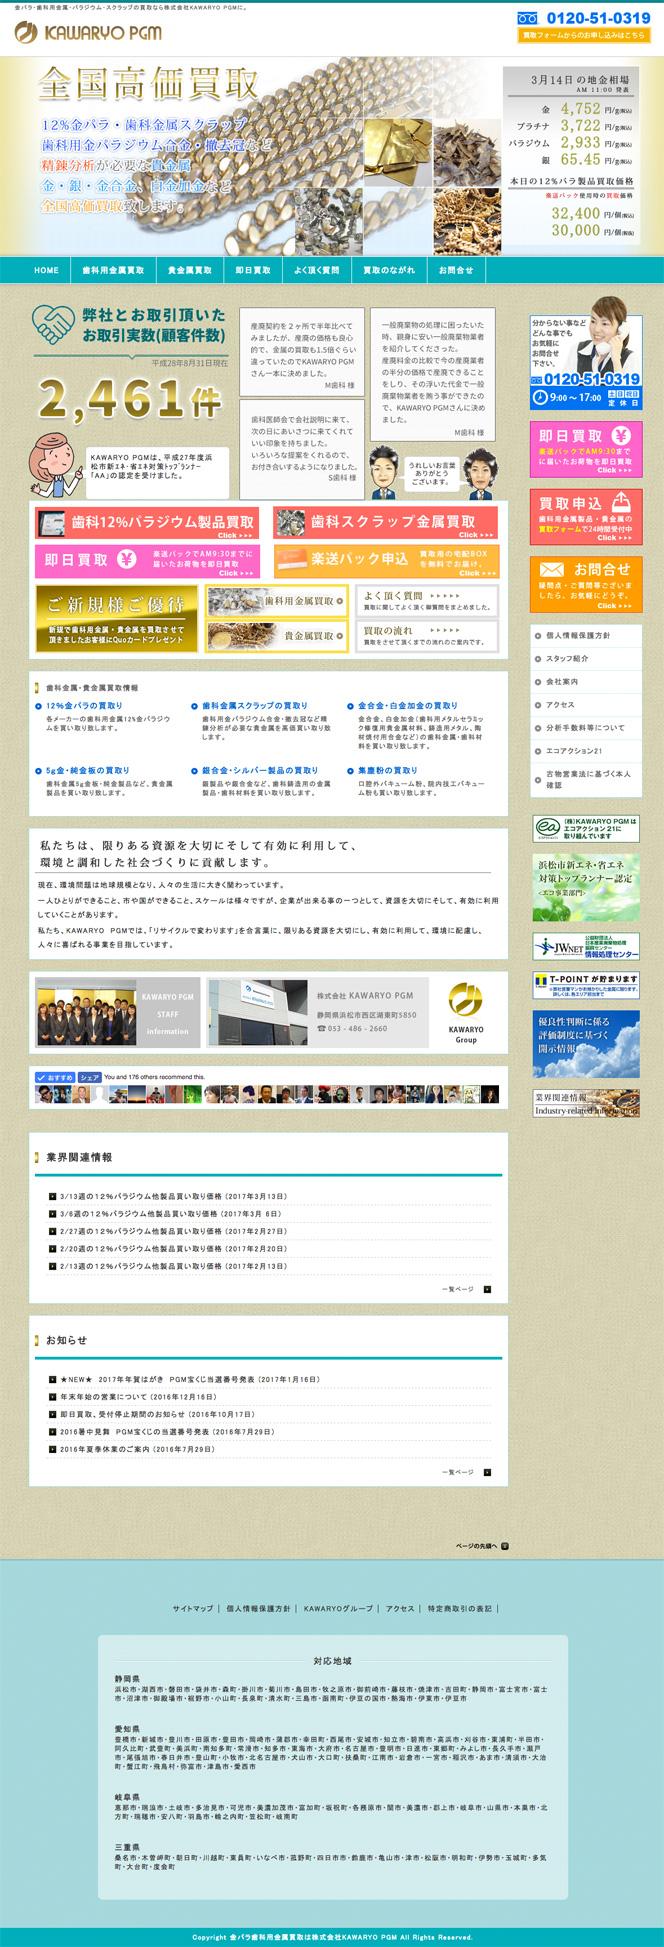 ホームページ成功実績:貴金属・歯科金属買取のKAWARYO PGM